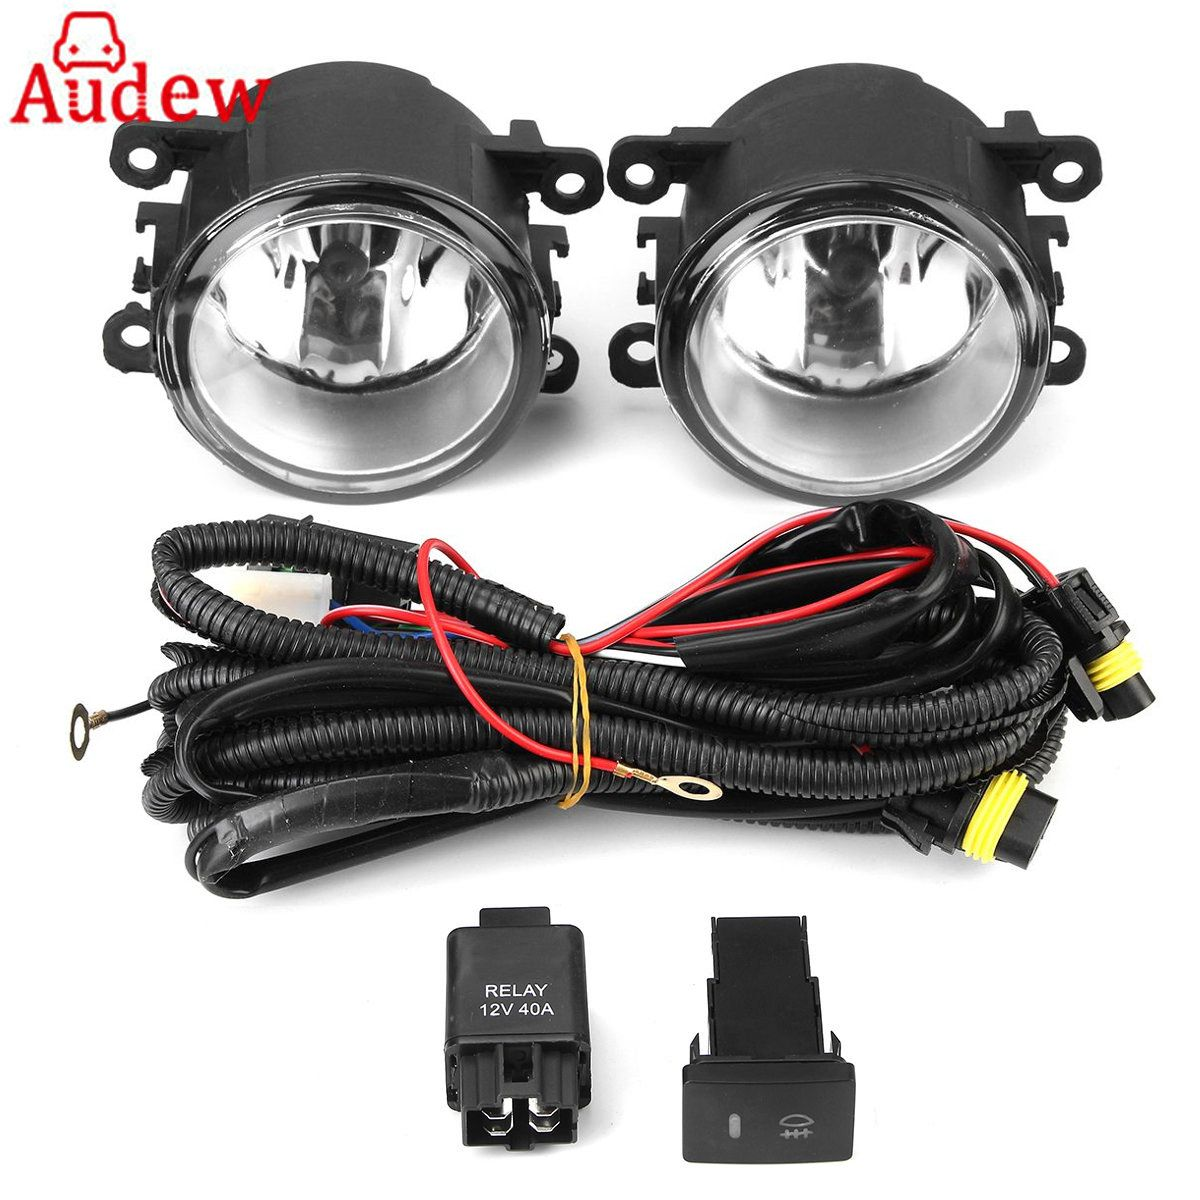 Pair Front Fog Light Clear Lens With Wiring Kit For Crosstrek /WRX/WRX STI/XV #84501FJ000